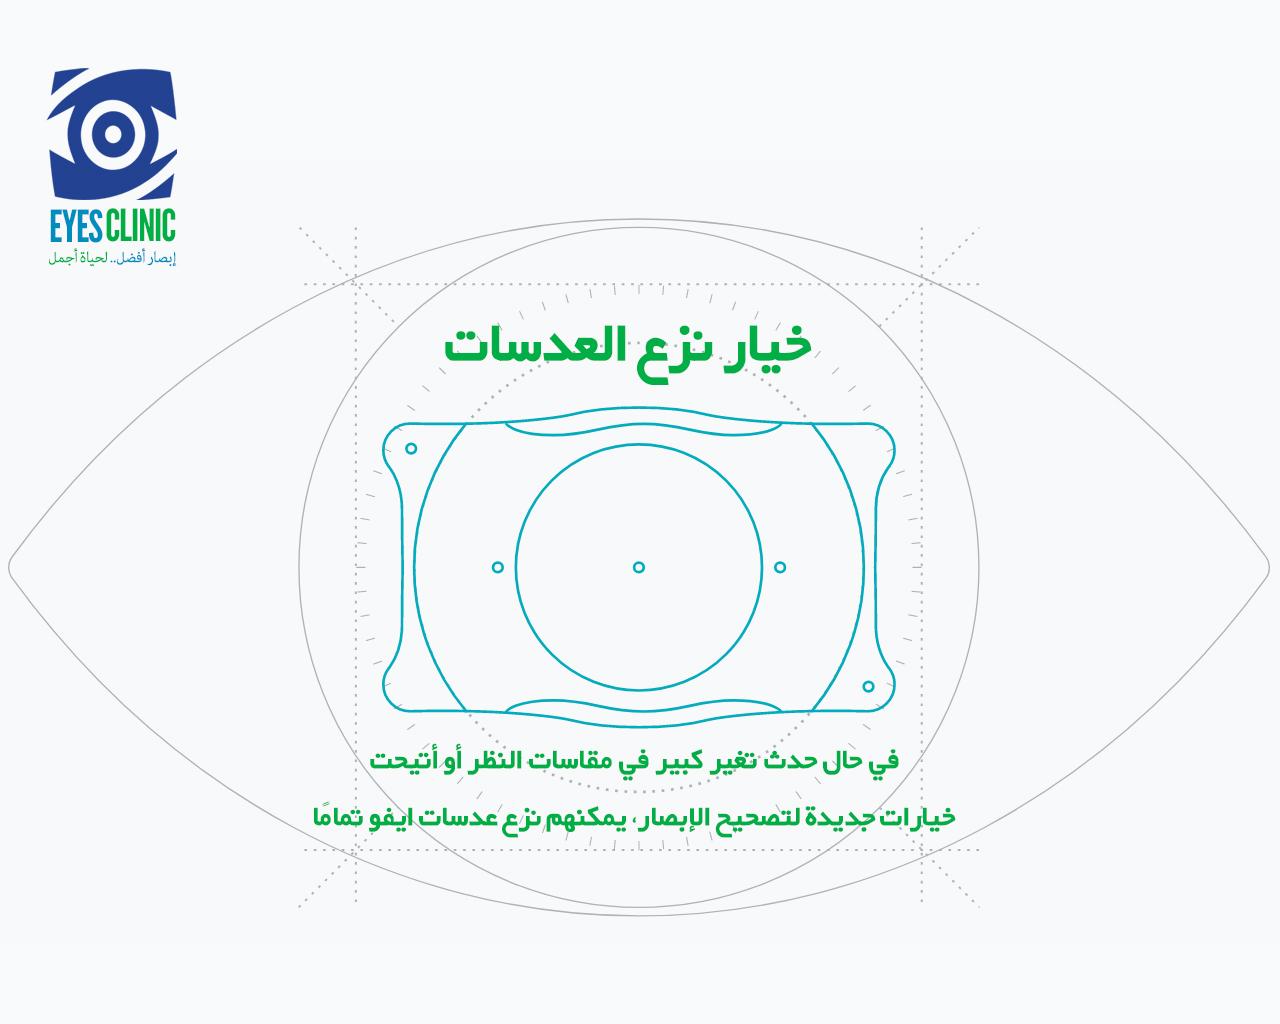 تصحيح النظر في ايران